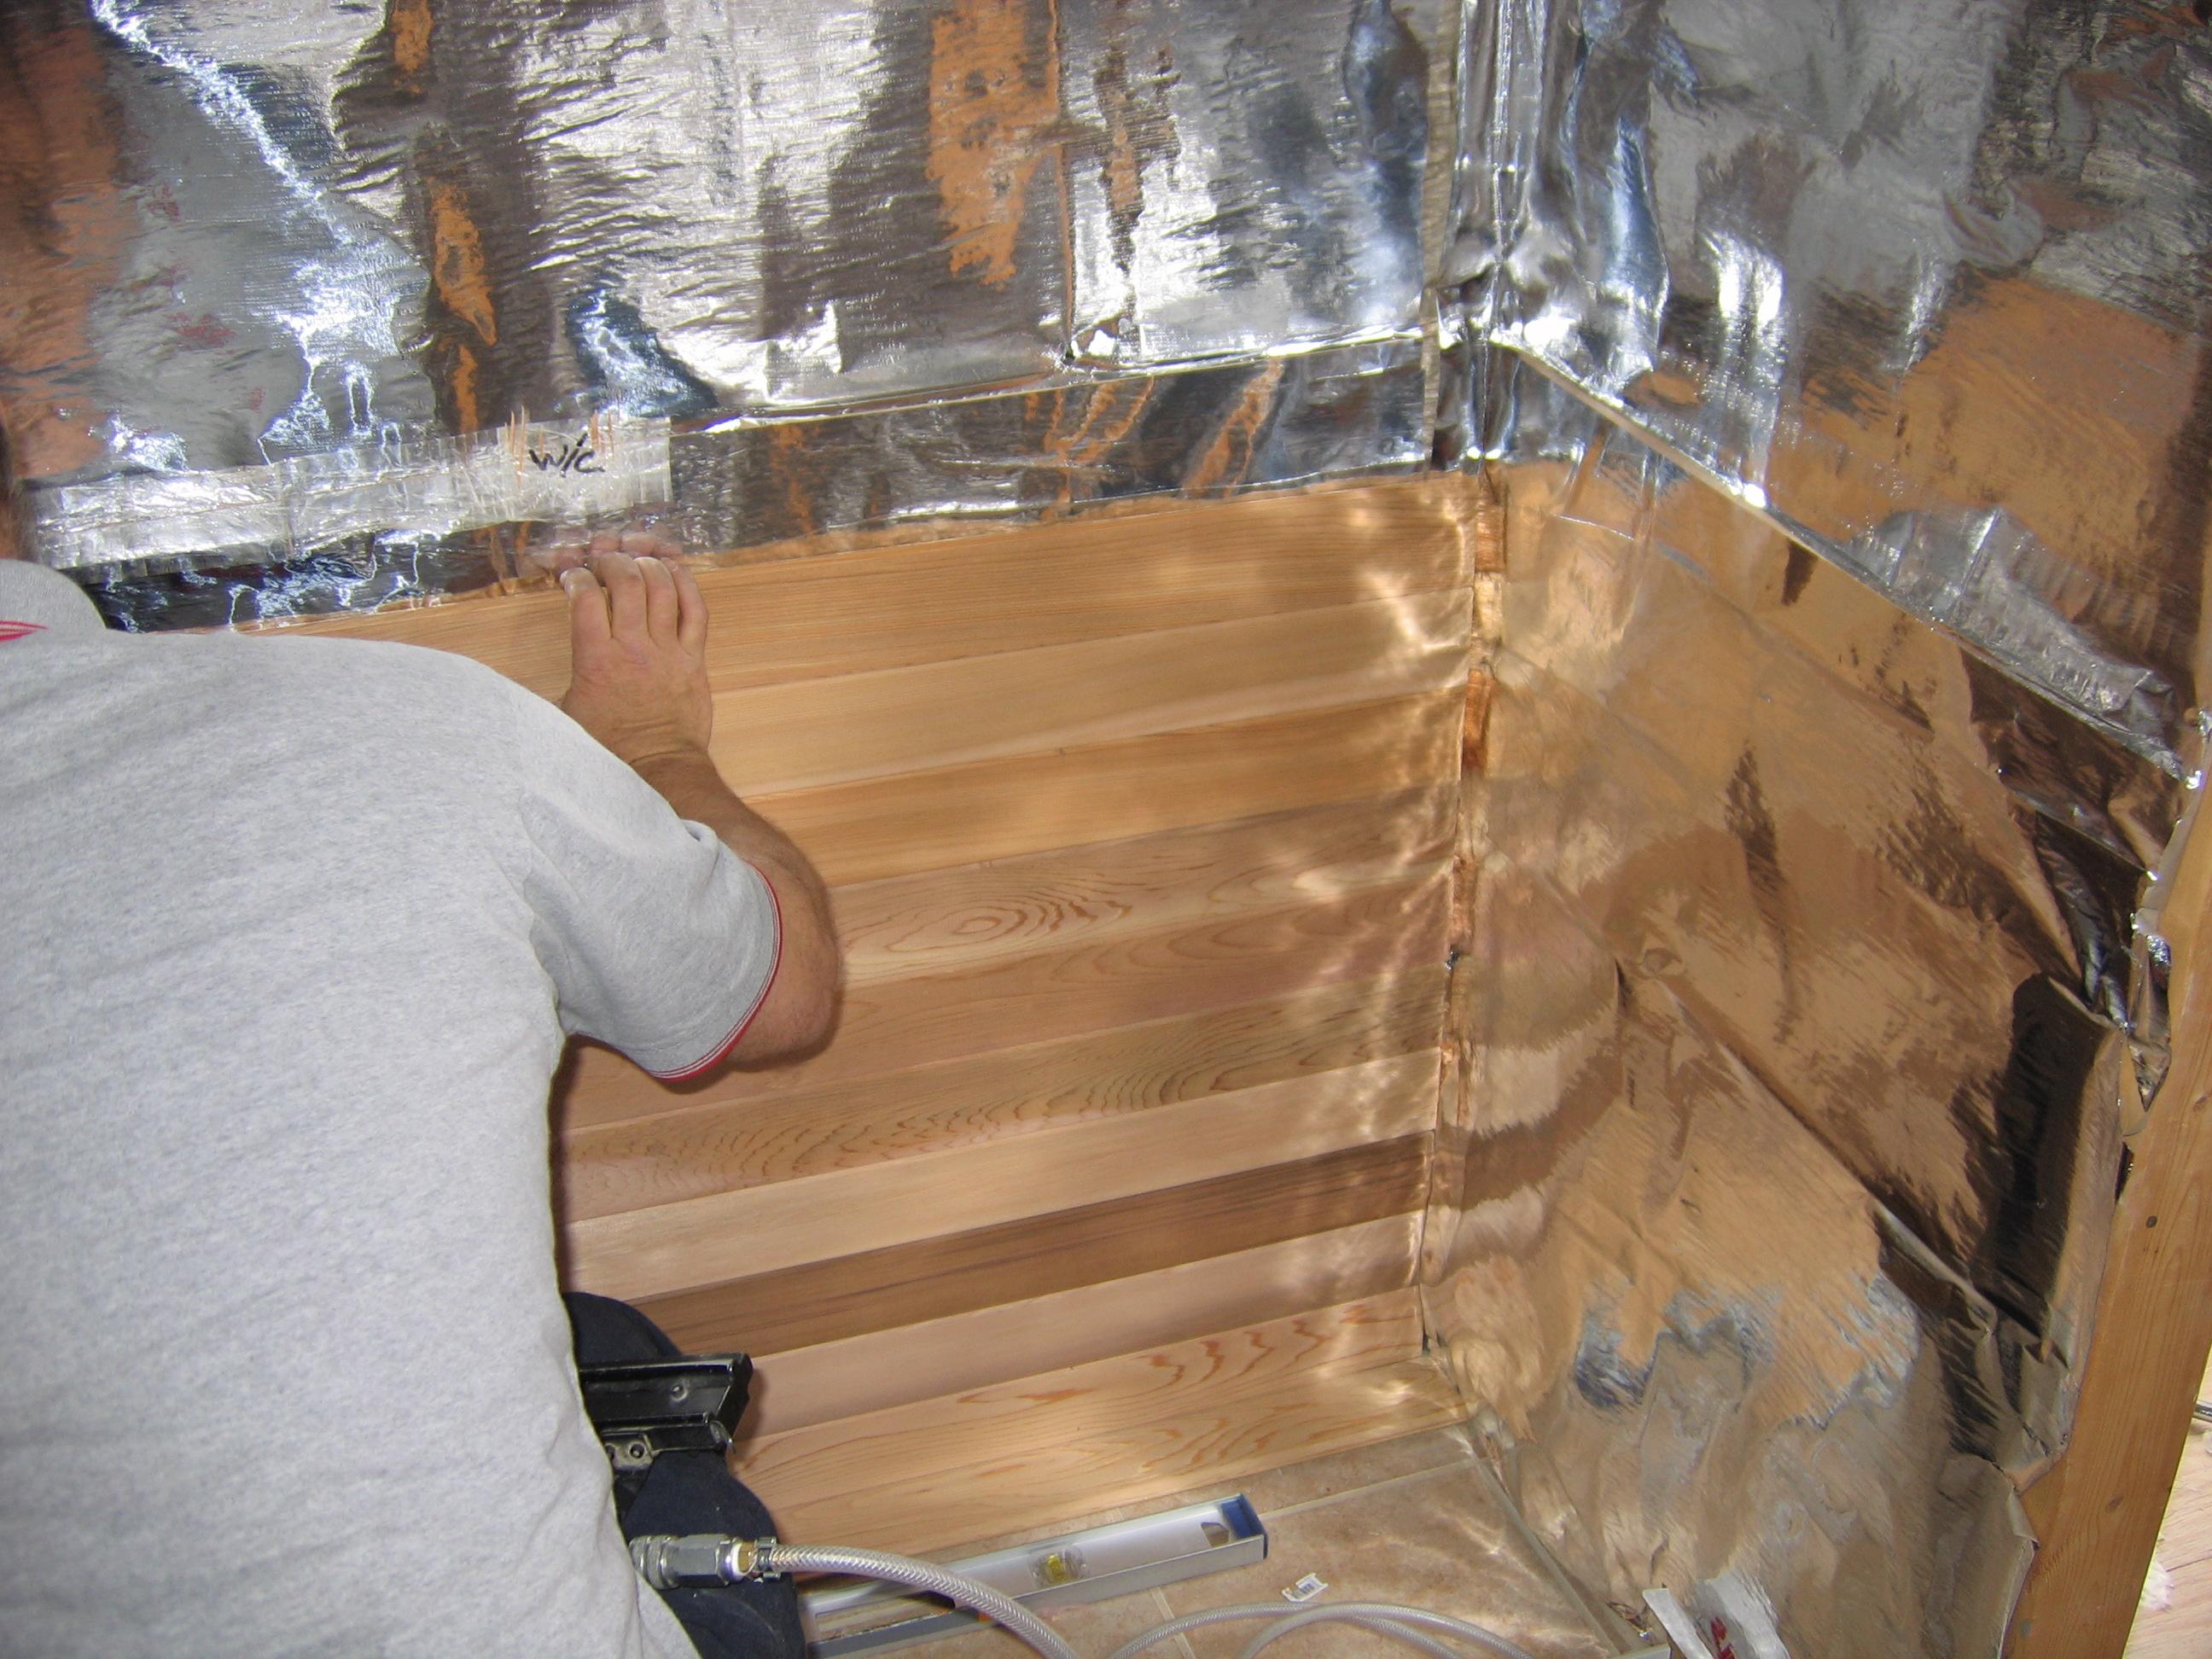 DIY Sauna Kits | Customize & Build Your Home Sauna